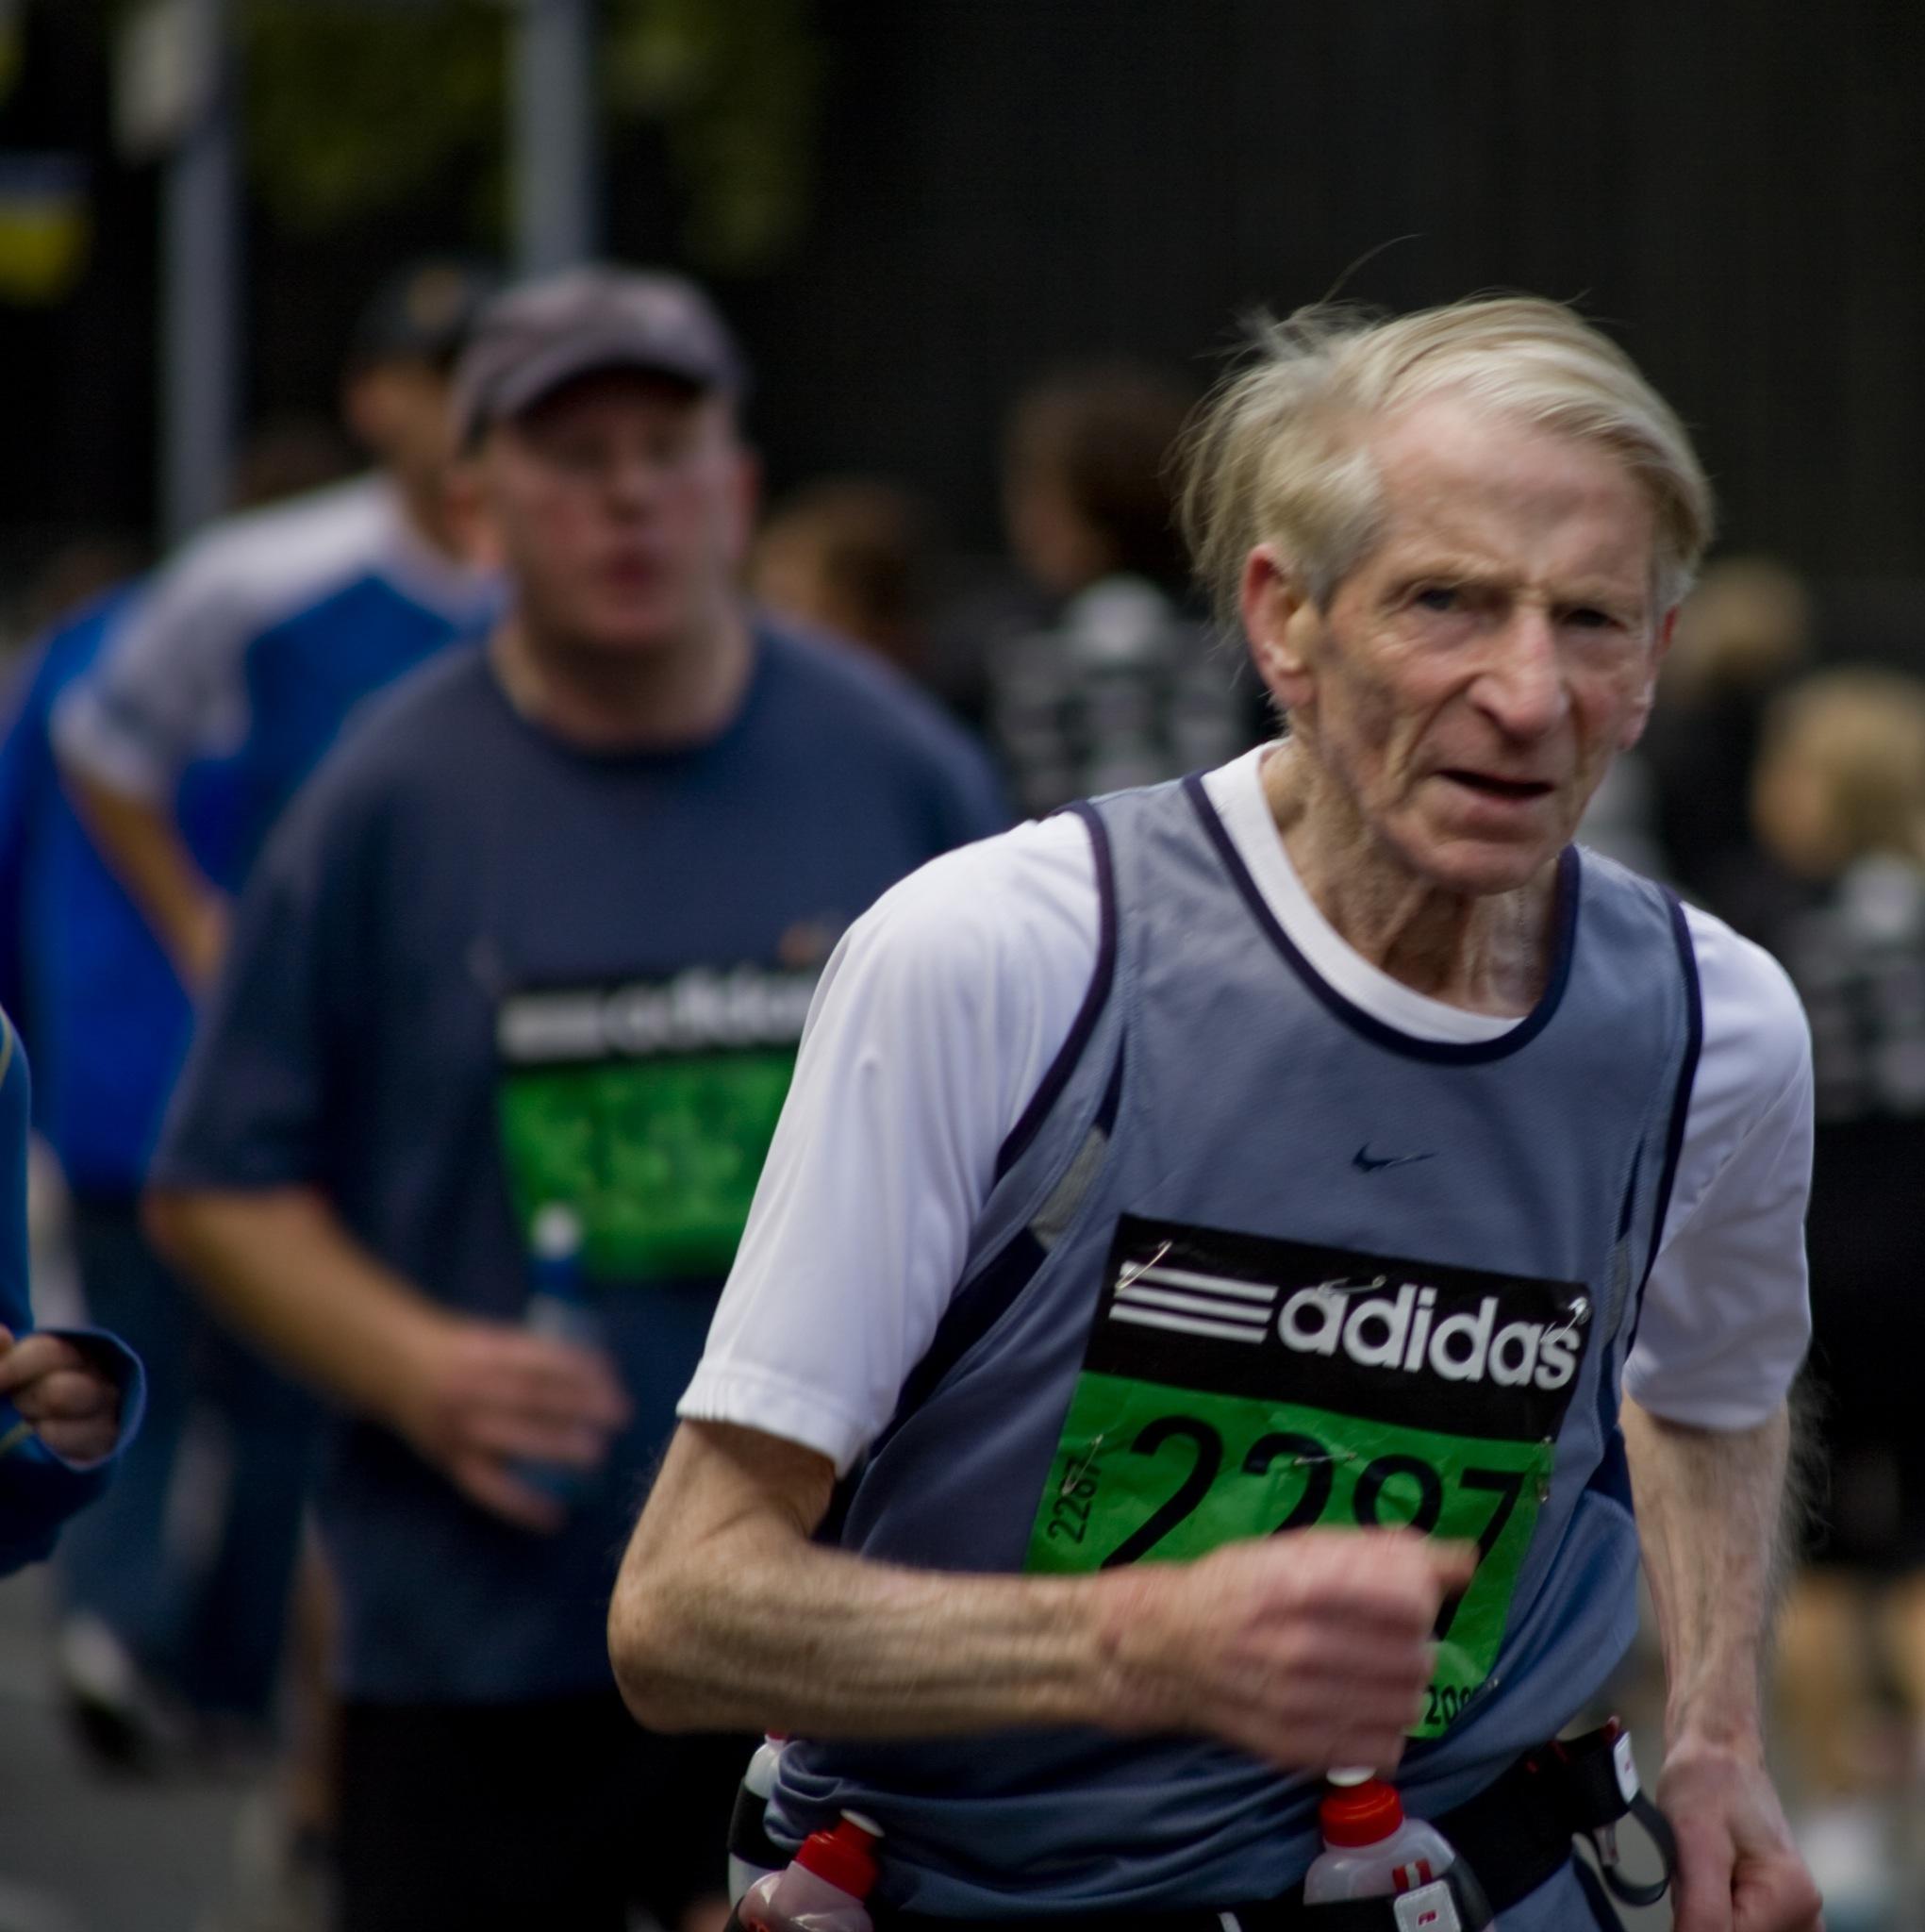 grandmaster running